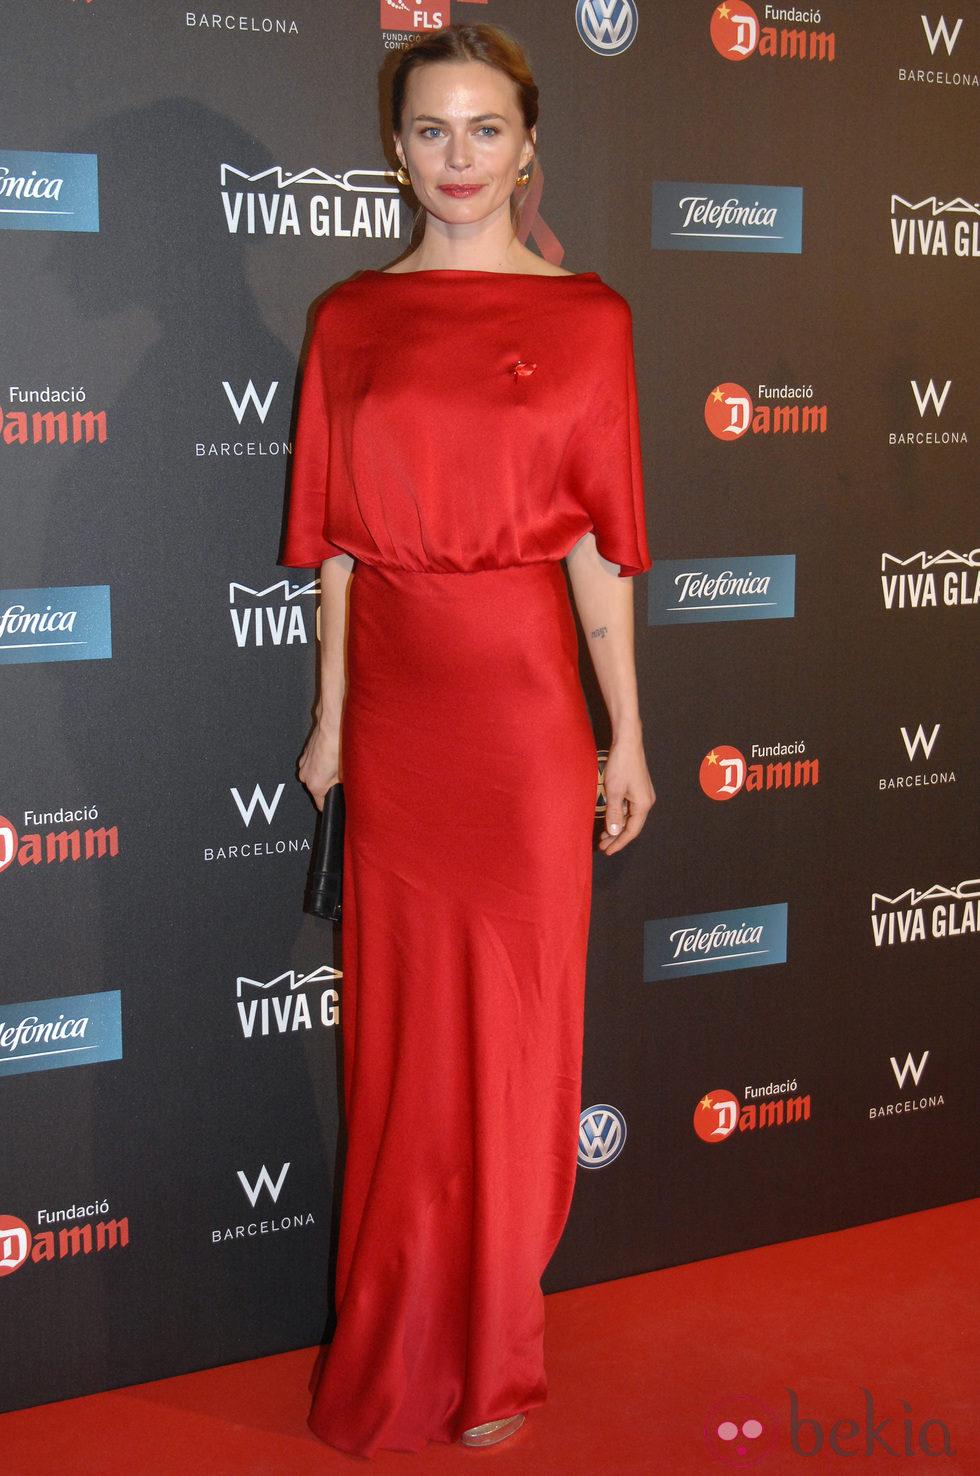 Verónica Blume en la gala contra el Sida 2012 de Barcelona